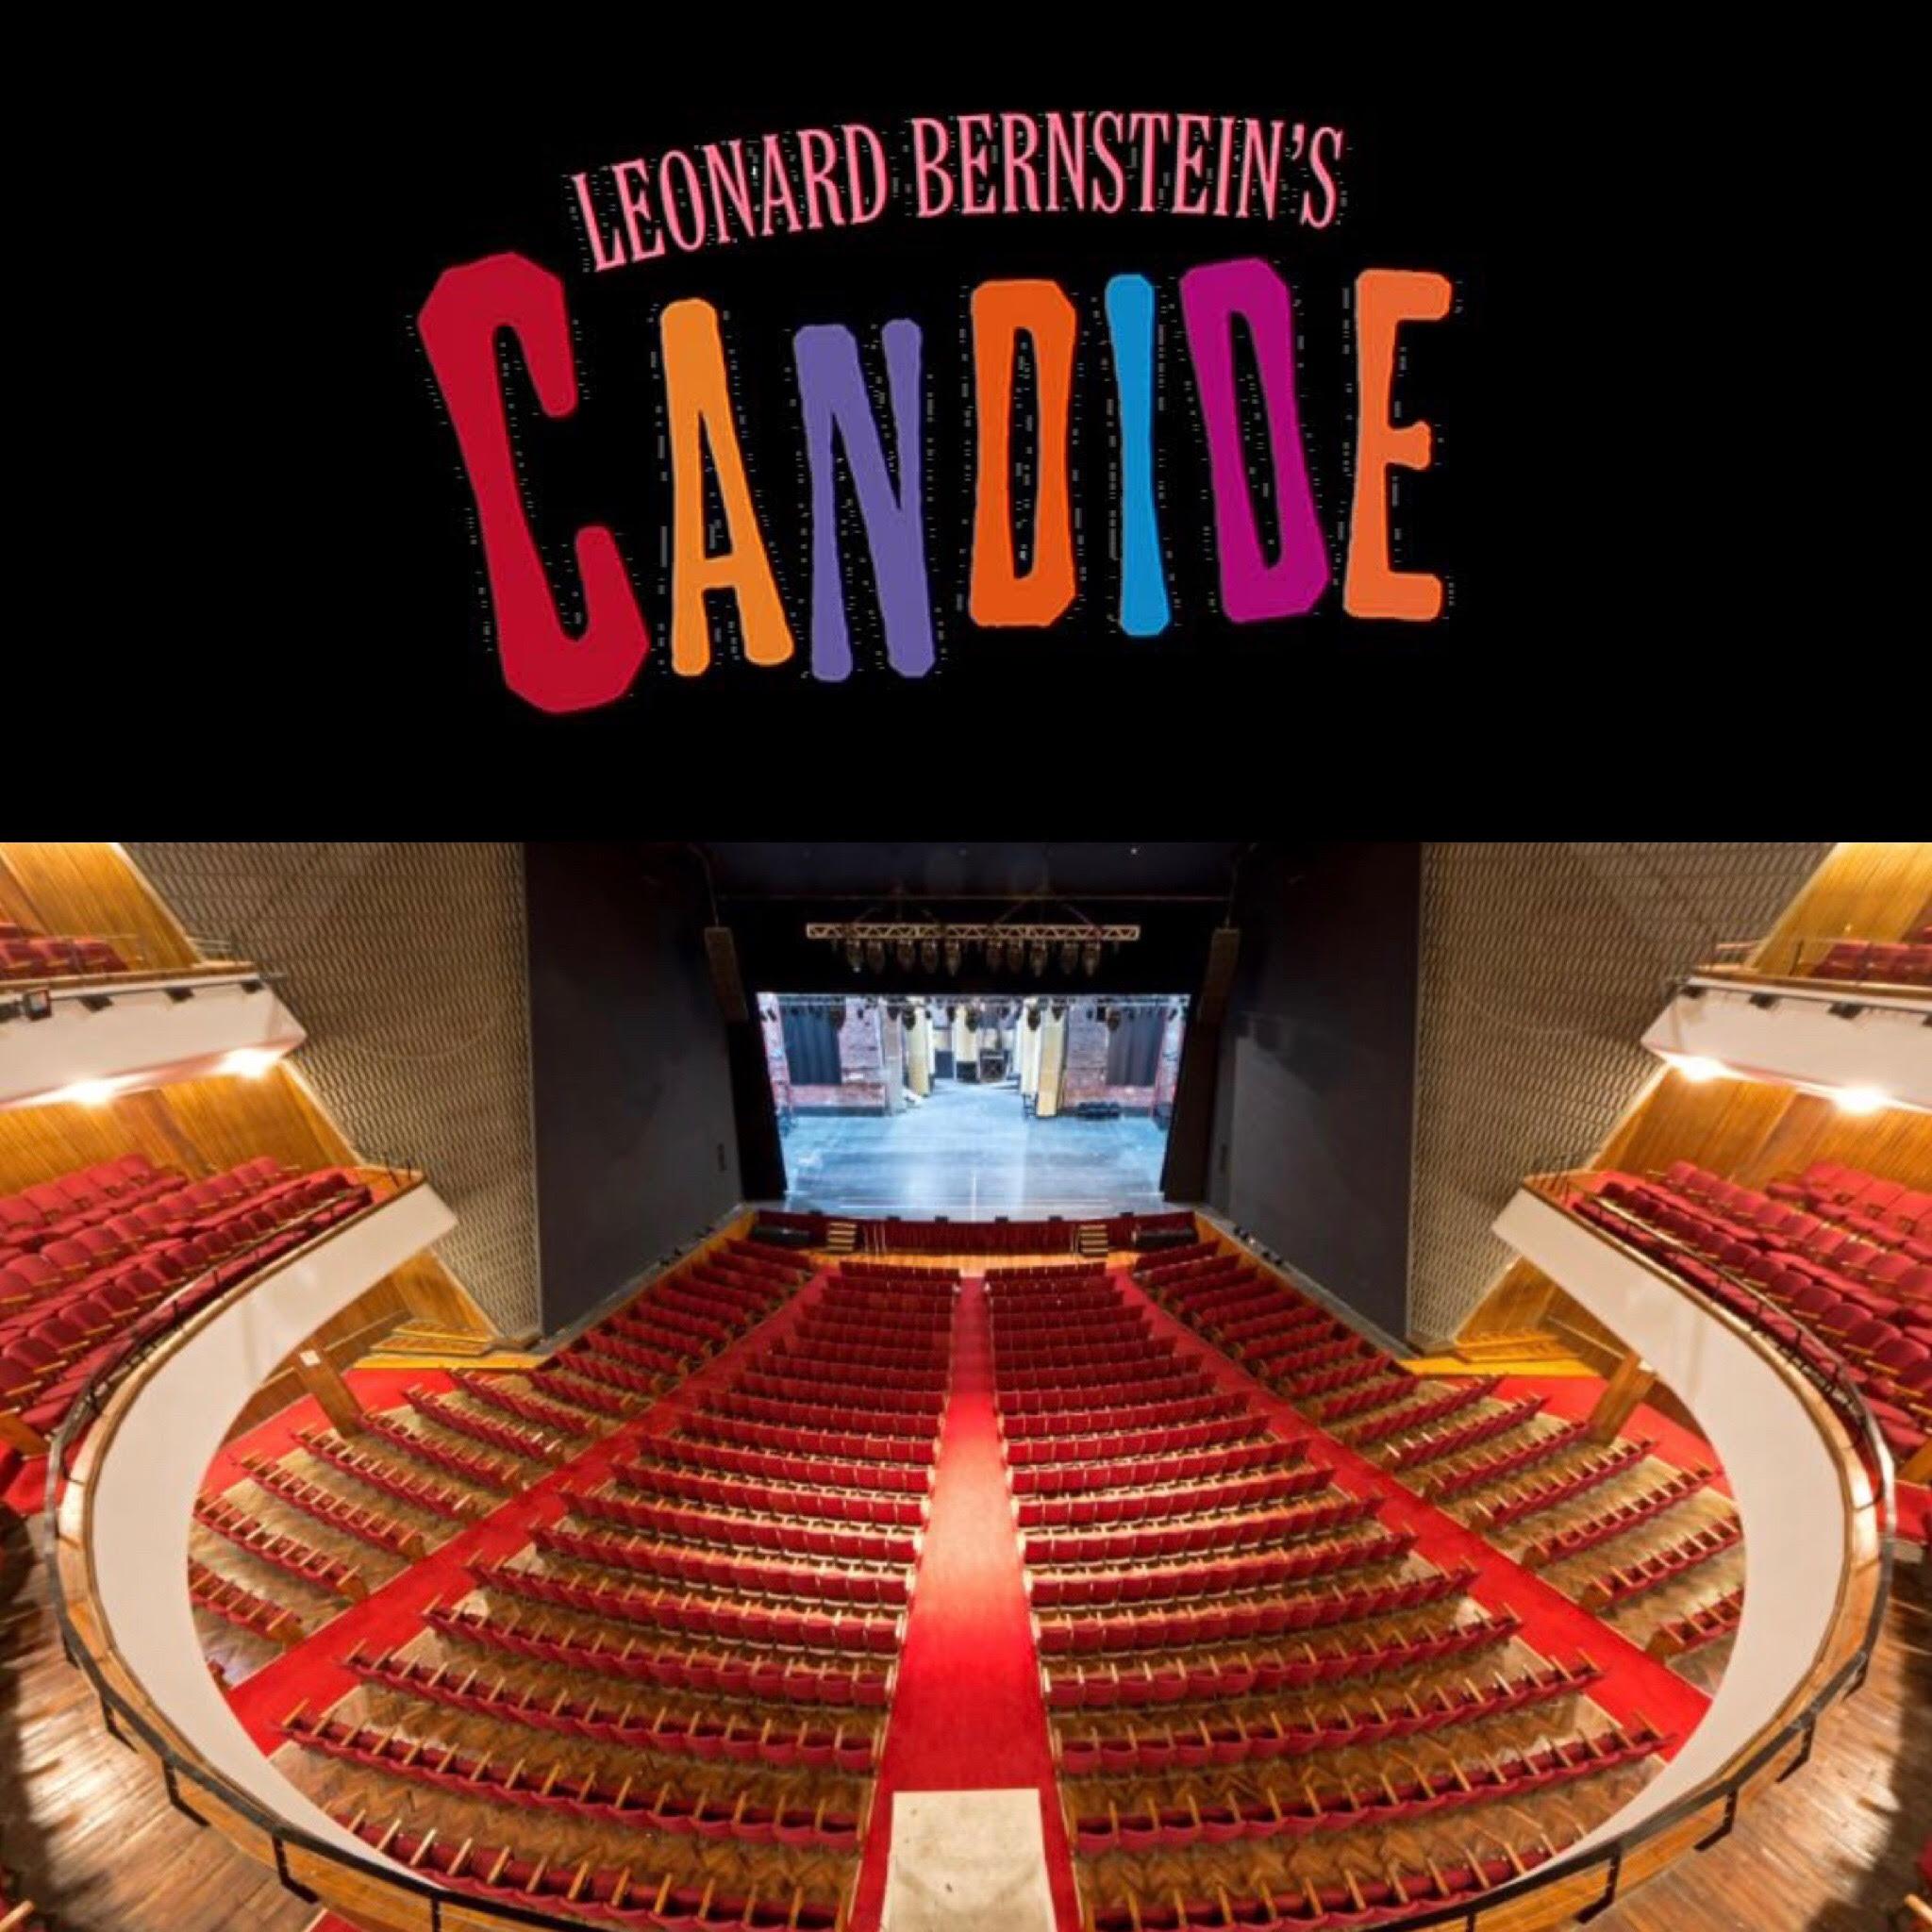 Candide from L. Bernstein in Argentina